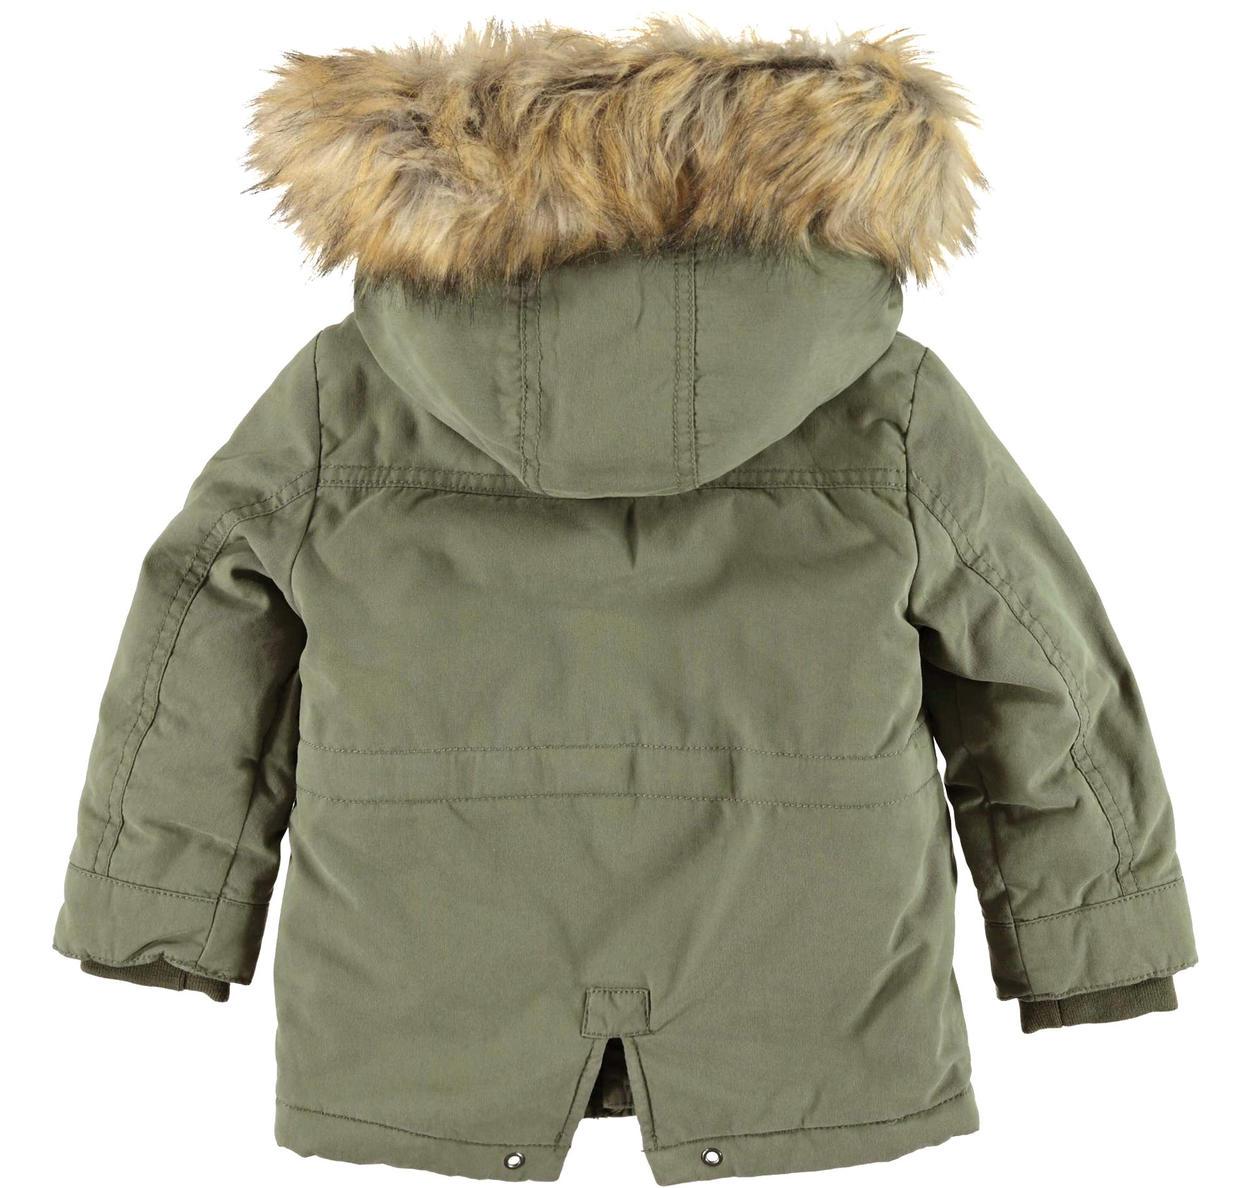 info for 7a0c9 b75dd Giubbotto parka invernale con cappuccio rifinito in eco pelliccia per  bambino da 6 mesi a 7 anni iDO